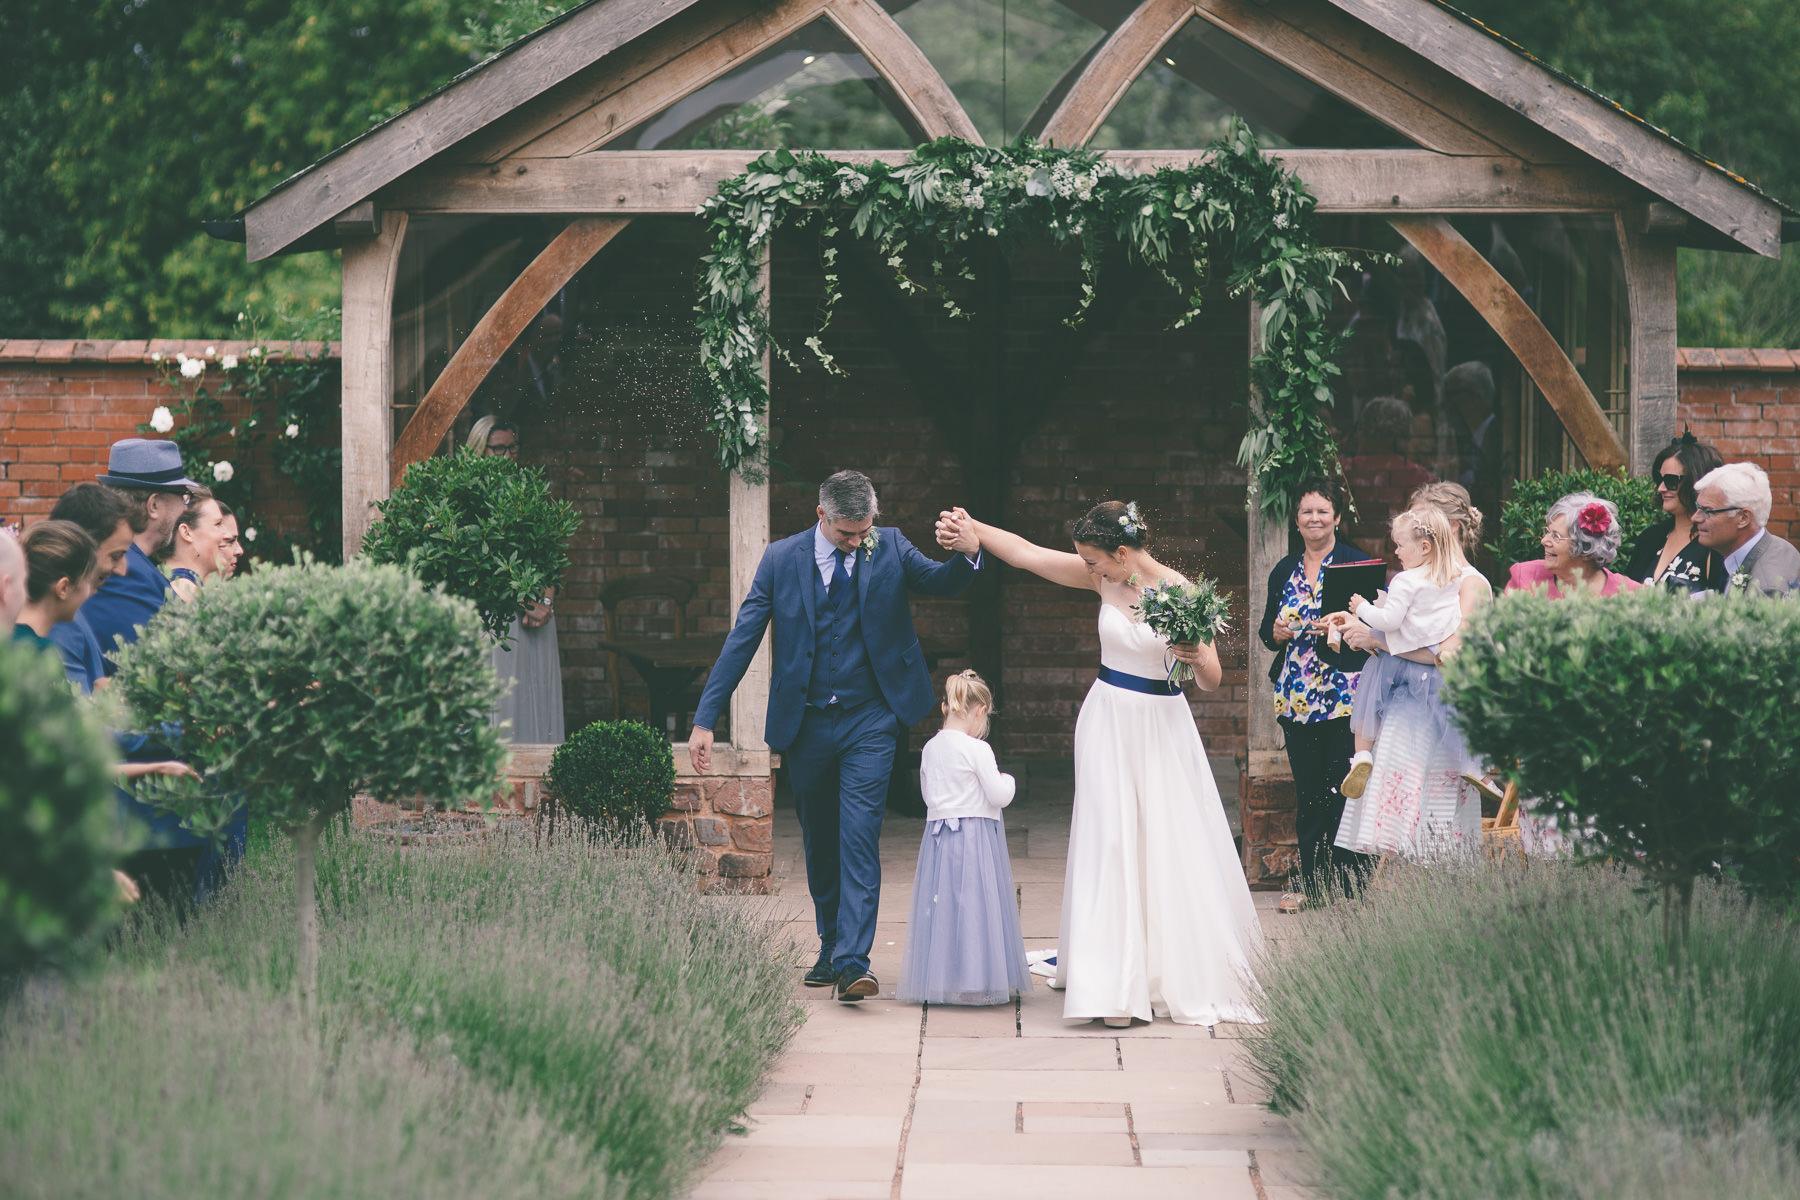 upton-barn-walled-garden-devon-wedding-photography-138